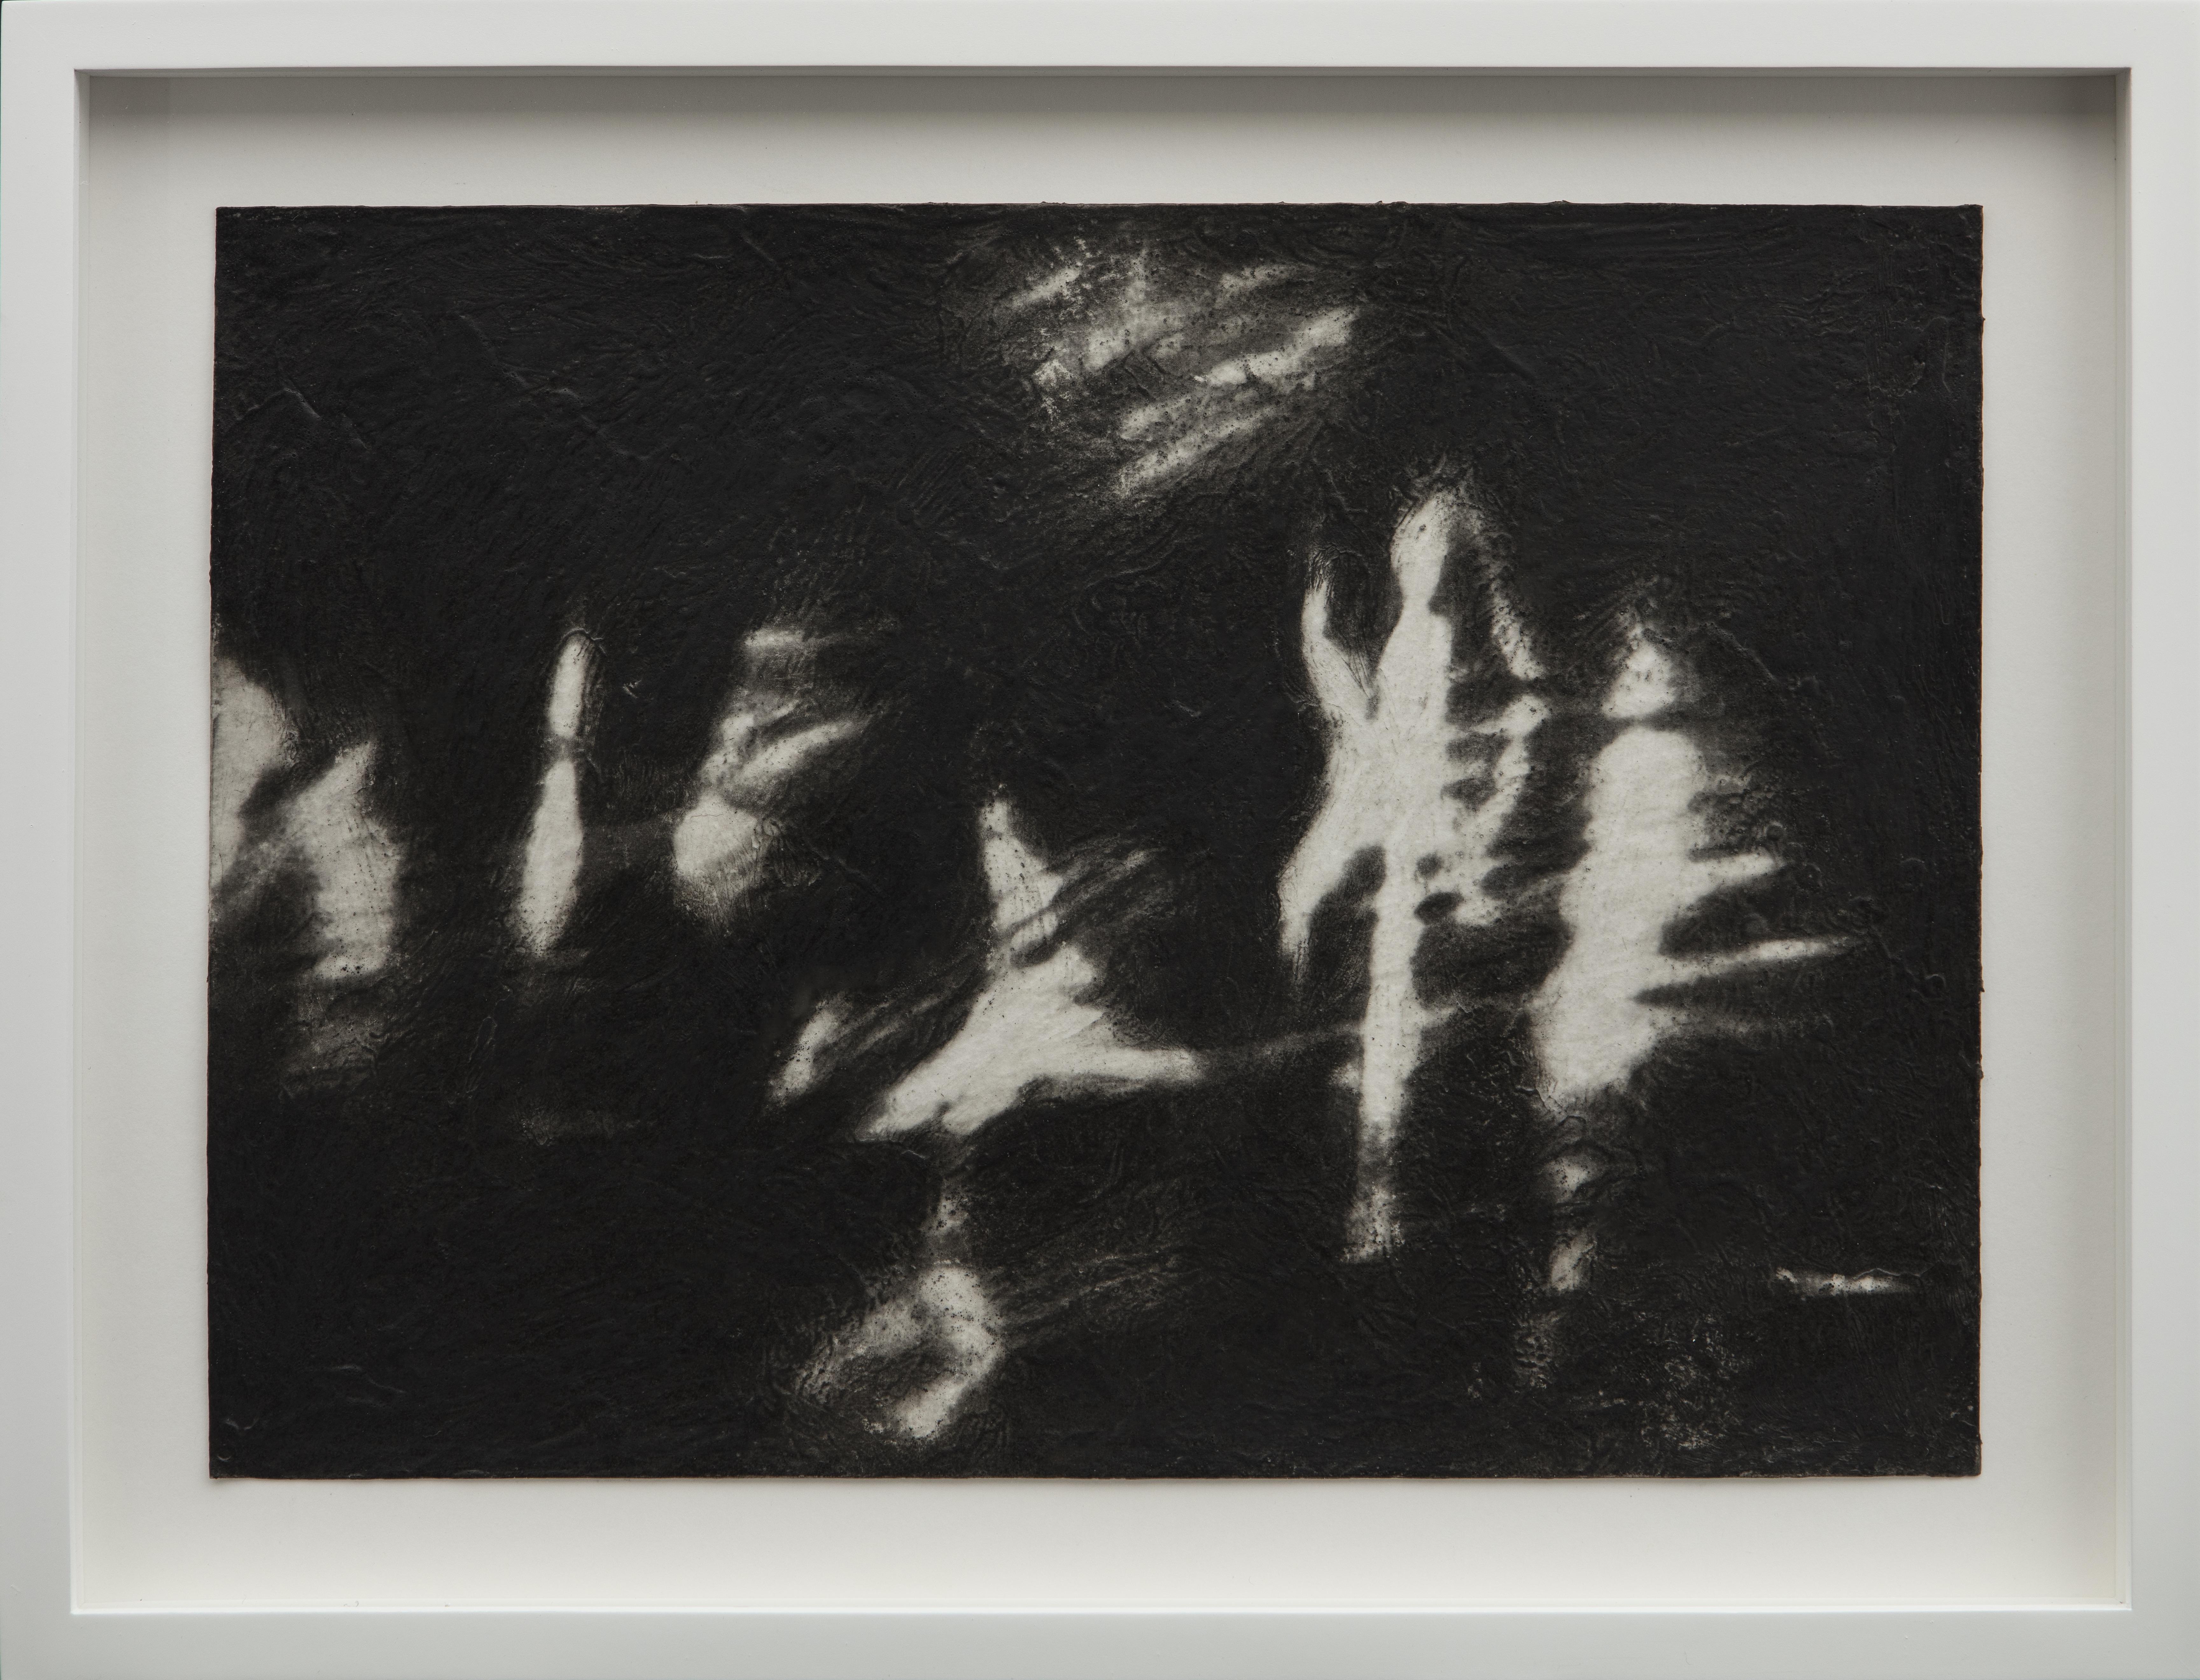 04_Canto II, 2017 Charcoal and acrylic m